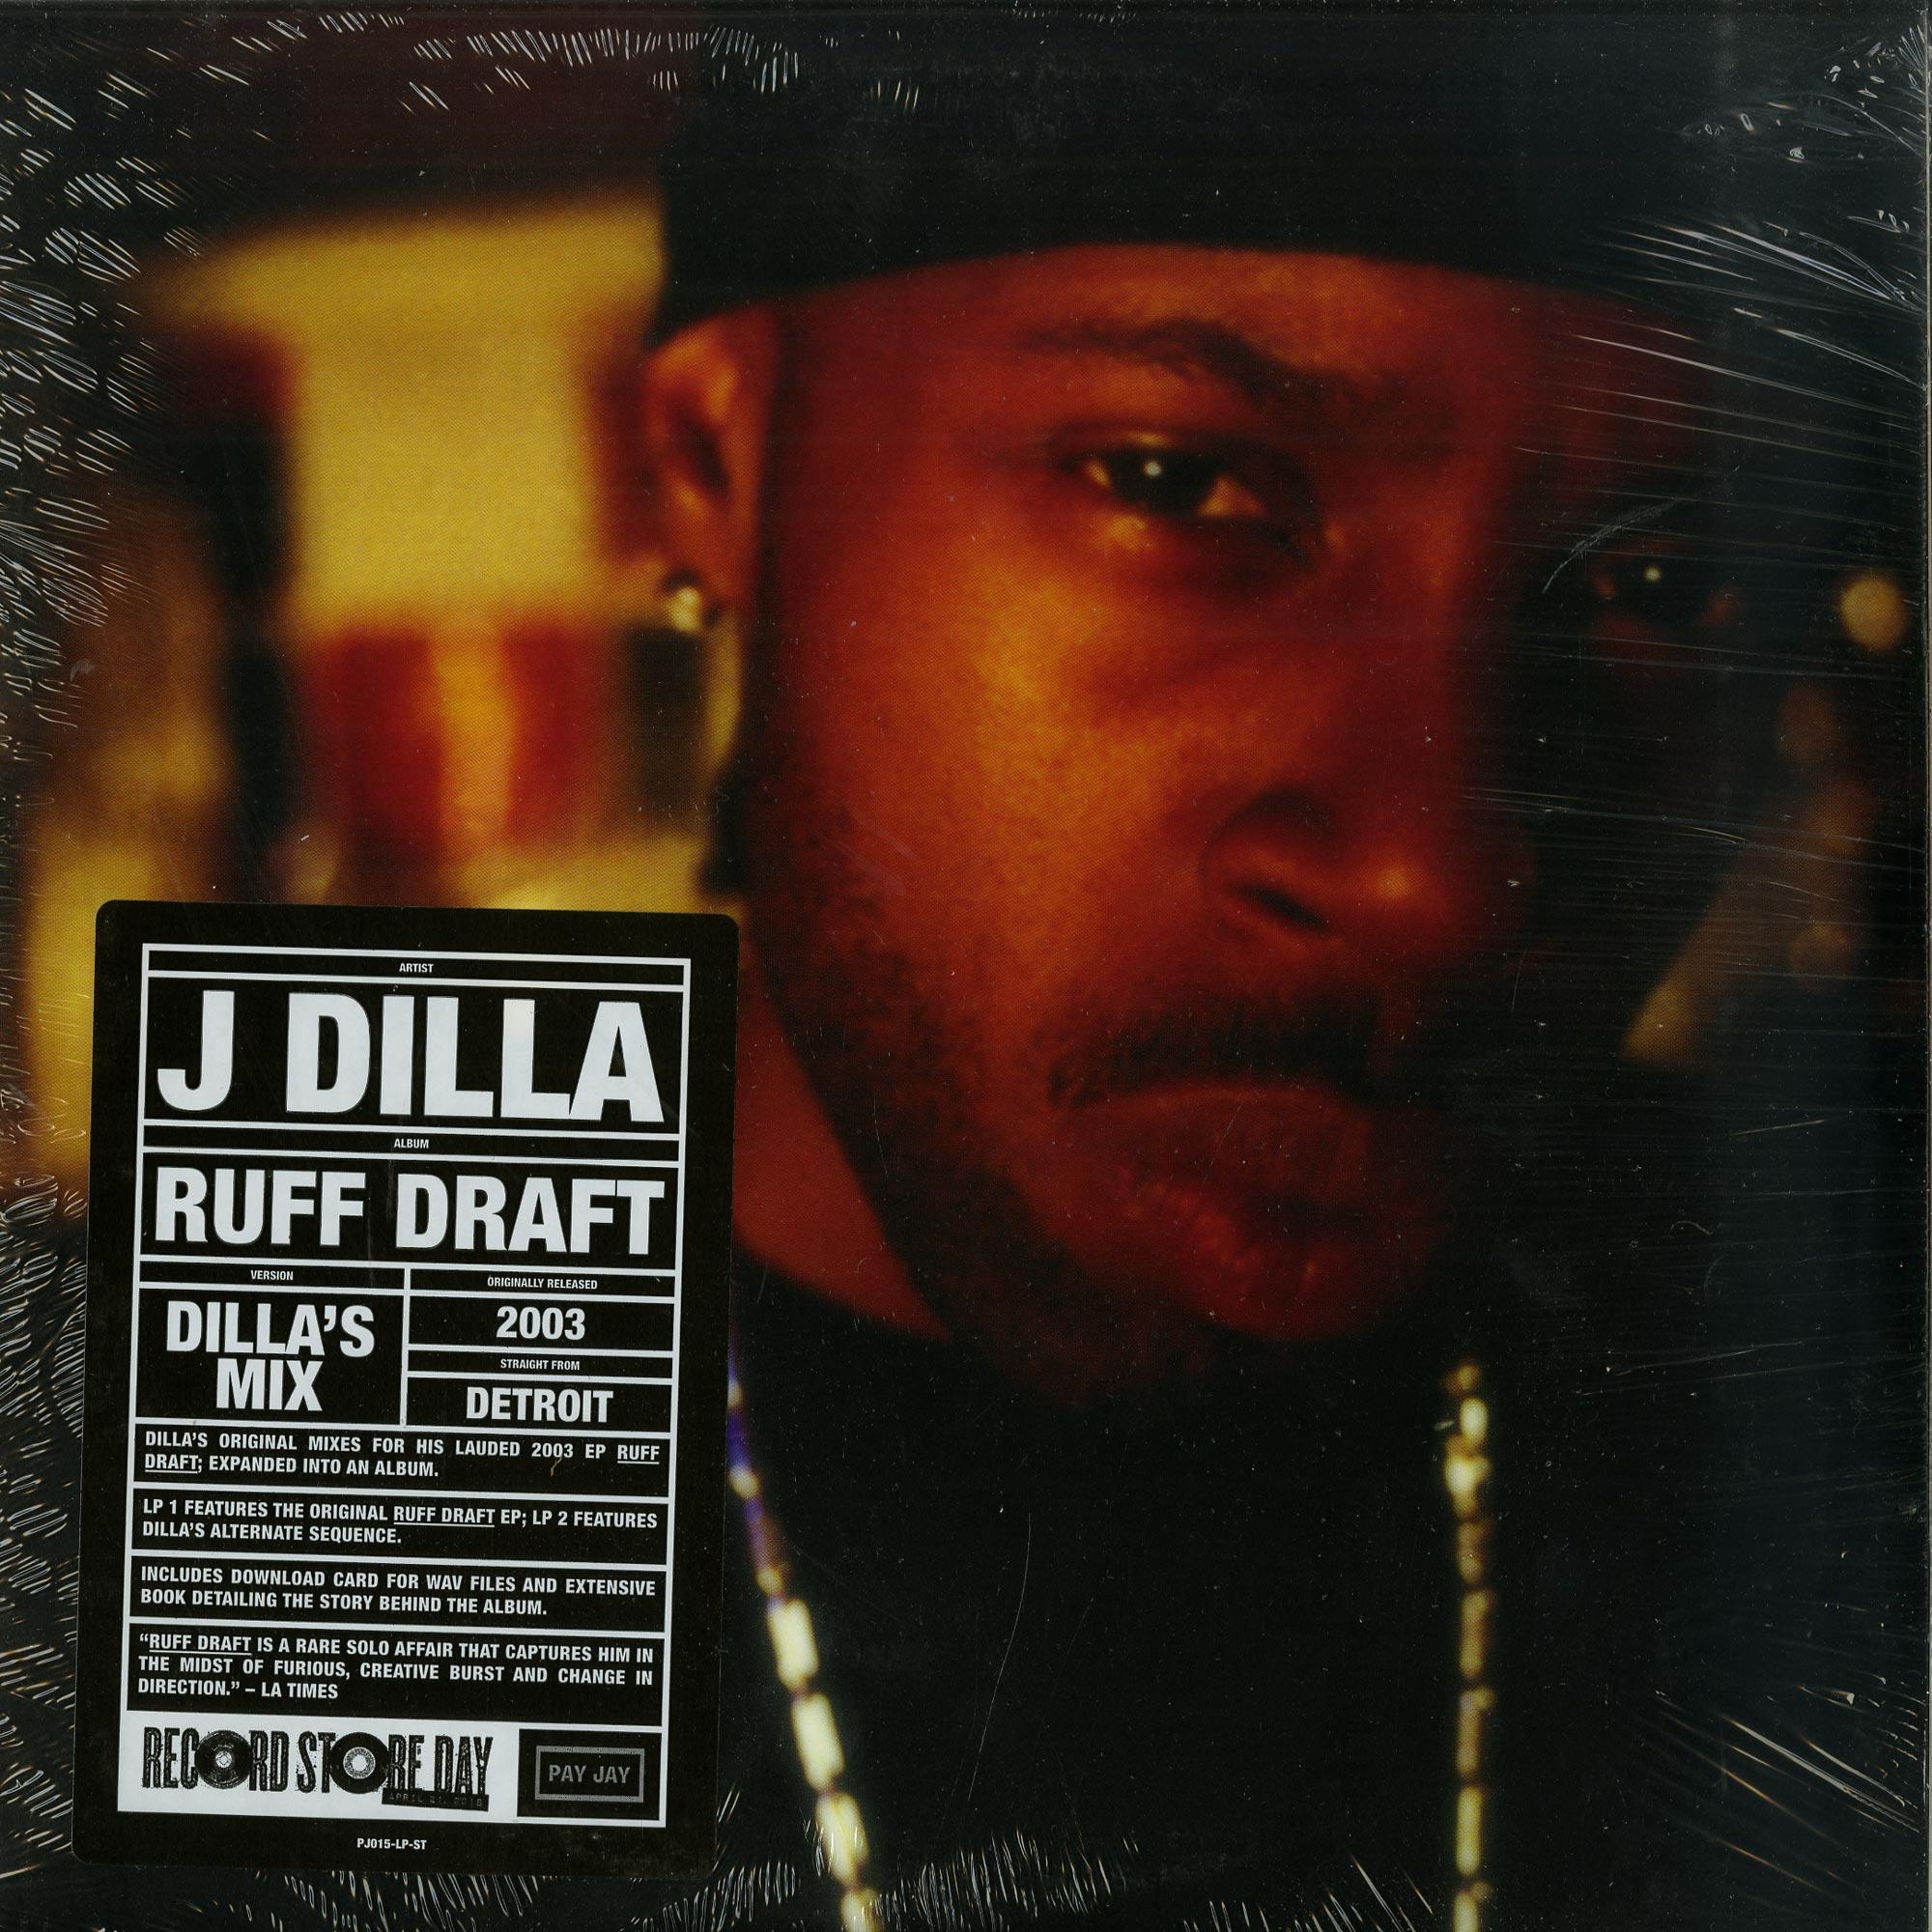 J Dilla - RUFF DRAFT: THE DILLA MIX